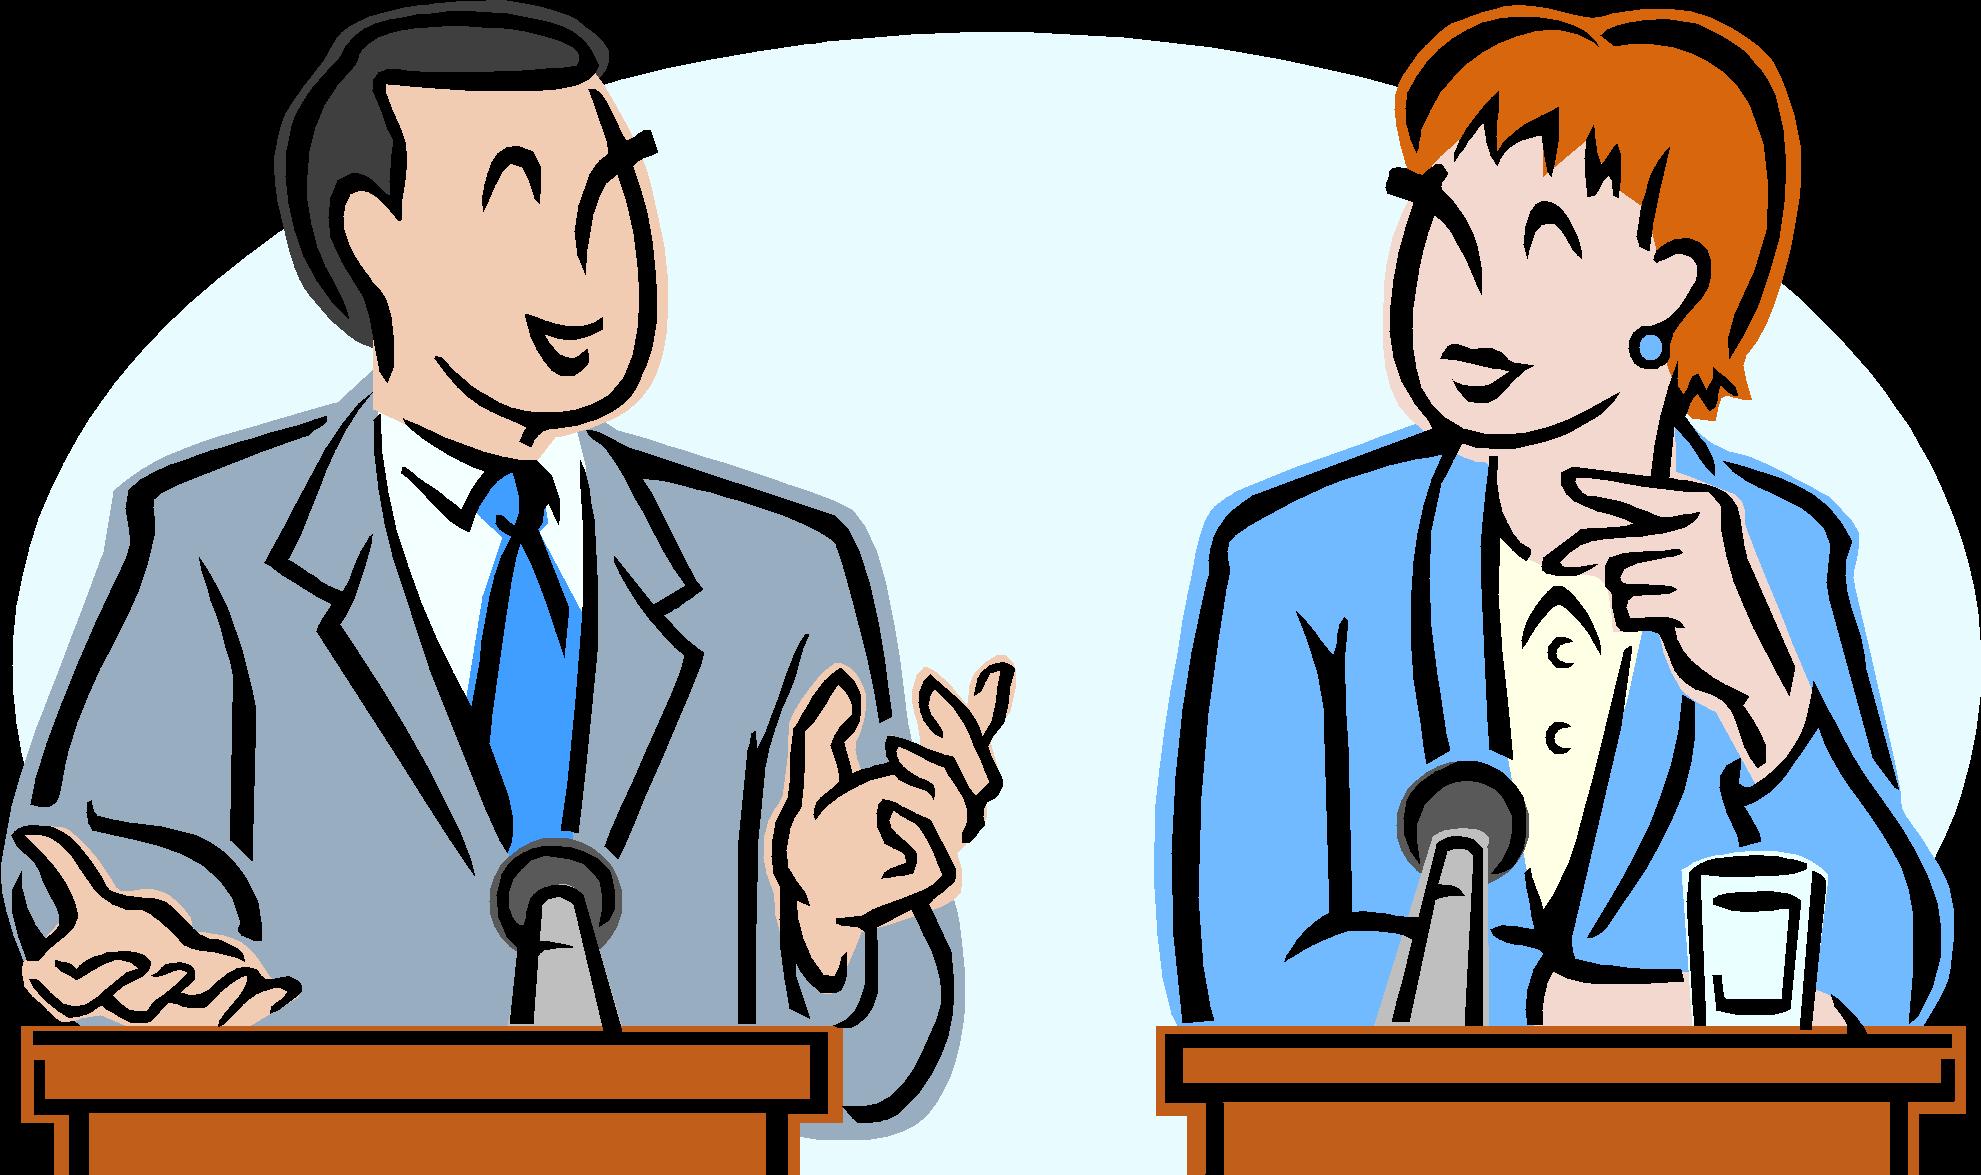 svg black and white download Debate clipart. Debating illustrationen und.